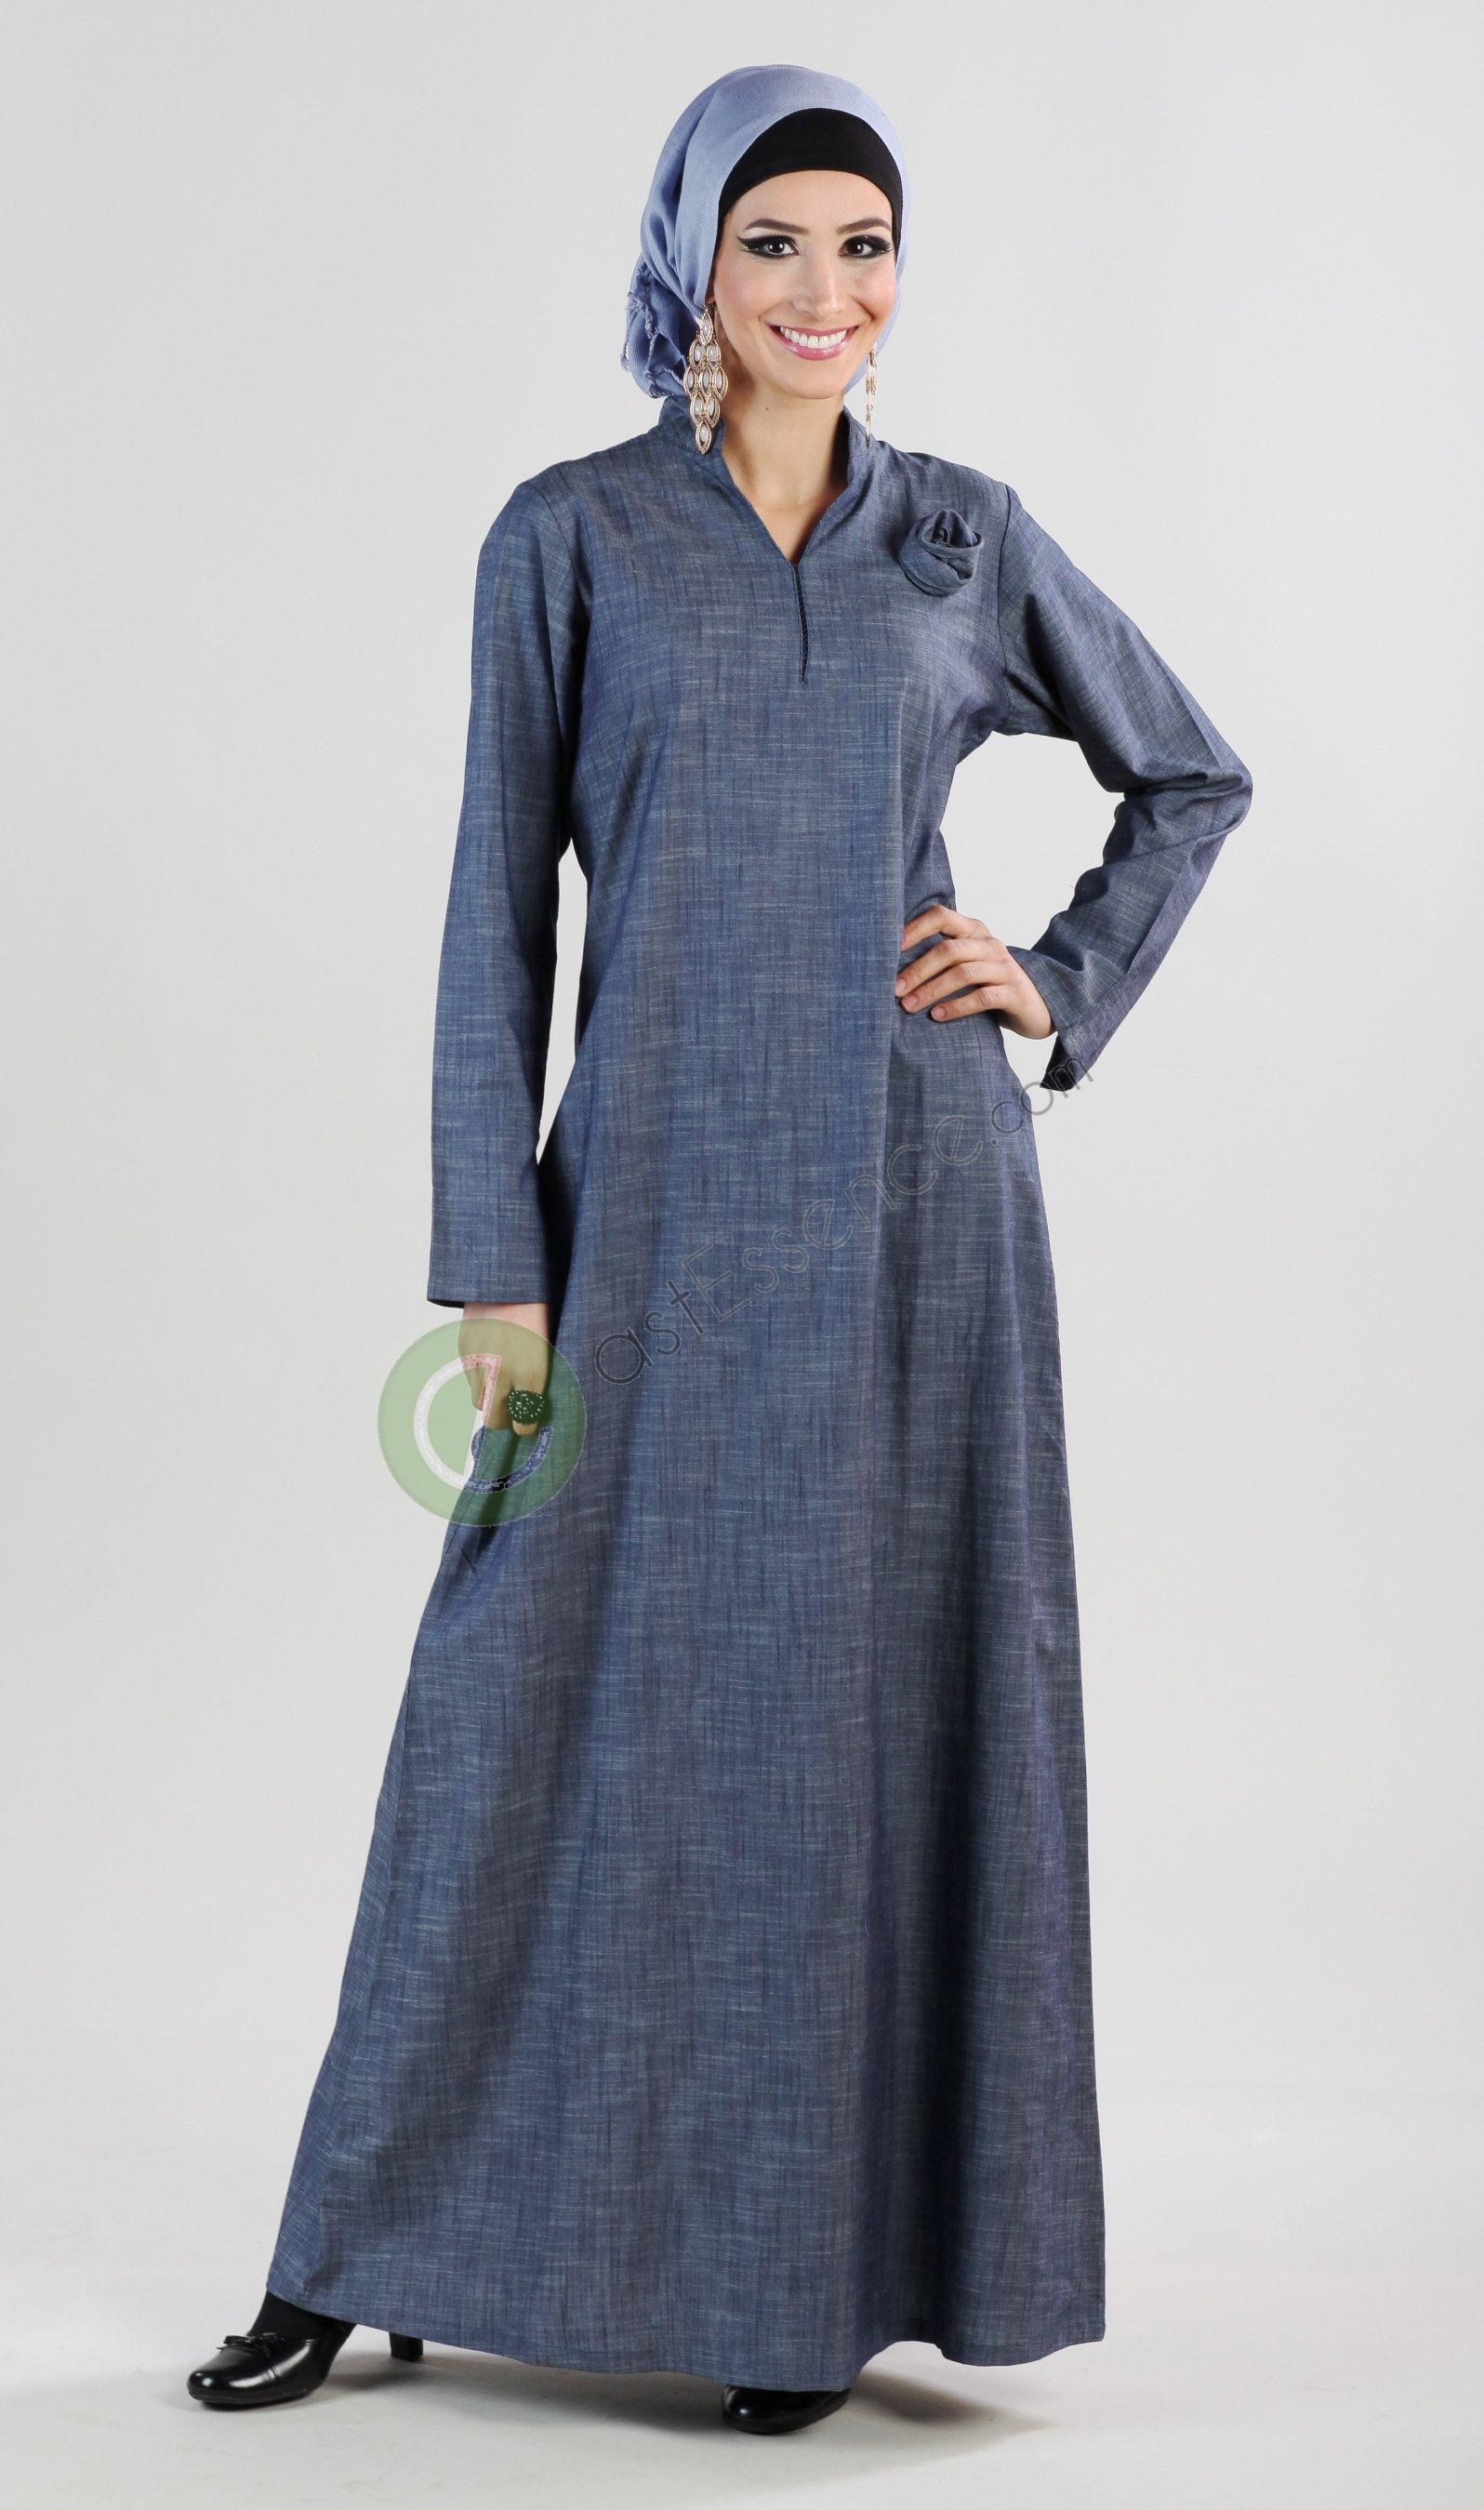 Hadeel Abaya  Traditional Islamic Clothing for Women 538dbaa5a9b7